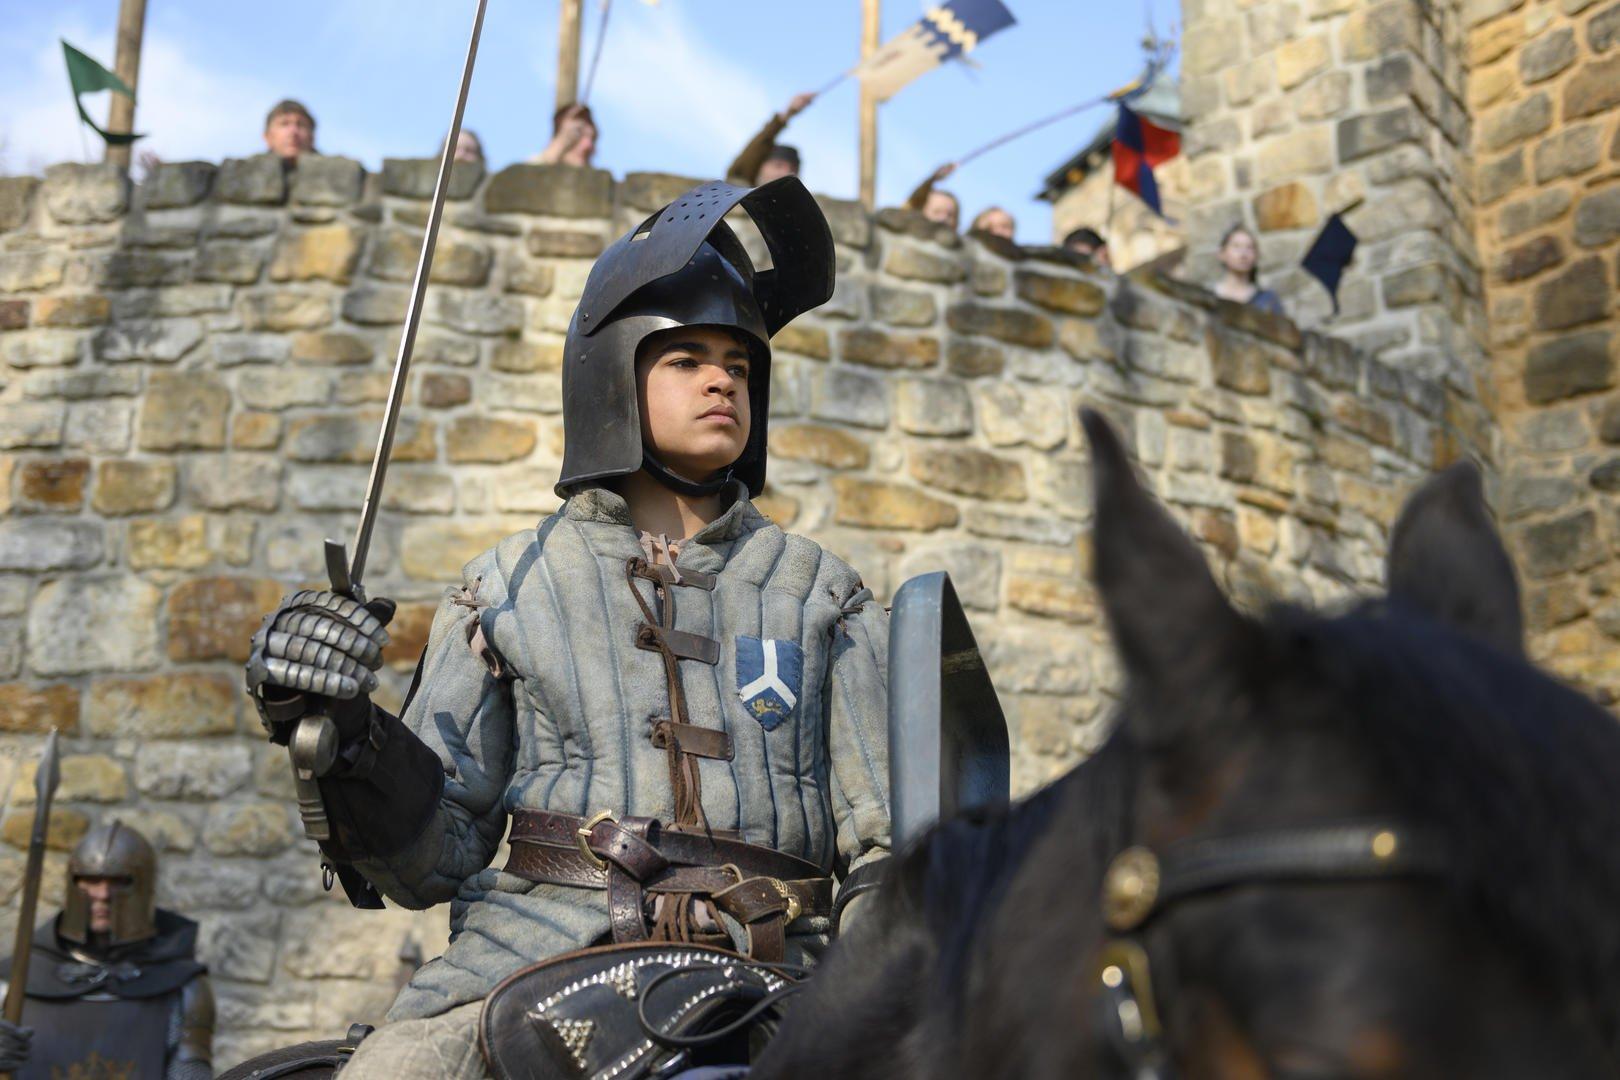 Cena de Carta ao Rei, uma das estreias da Neflix em março. Nela, um jovem está sentado segurando uma espada, sentado em um cavalo, em frente a um castelo.